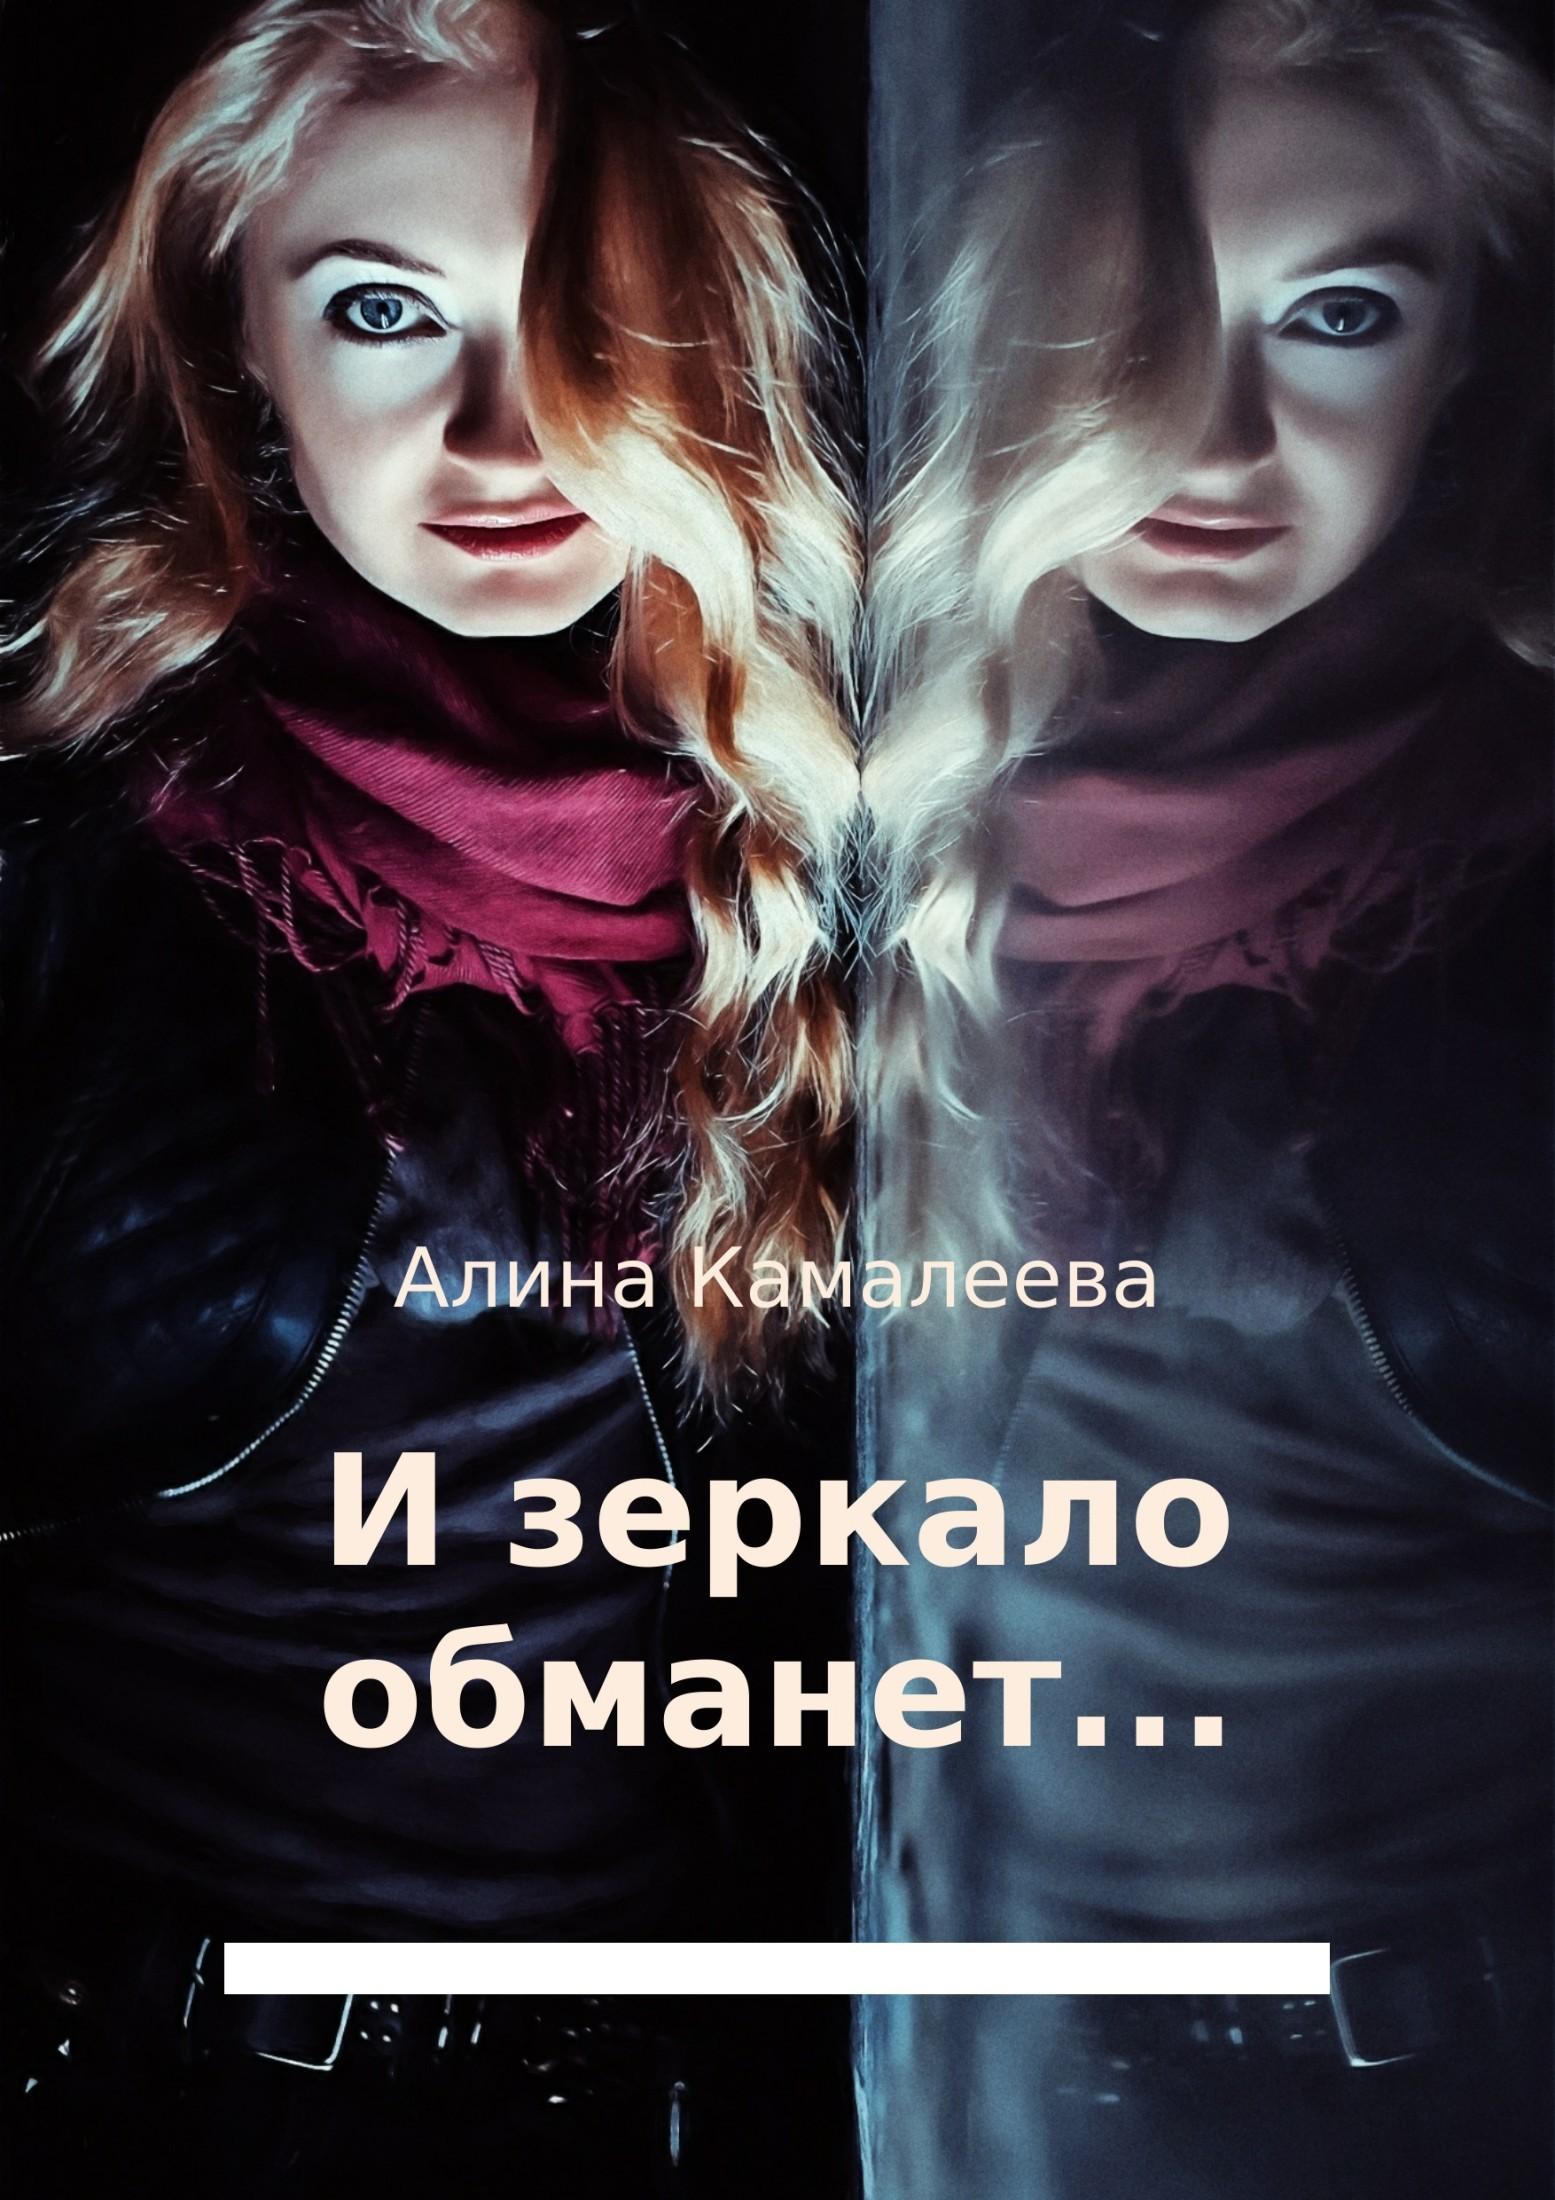 Алина Камалеева бесплатно